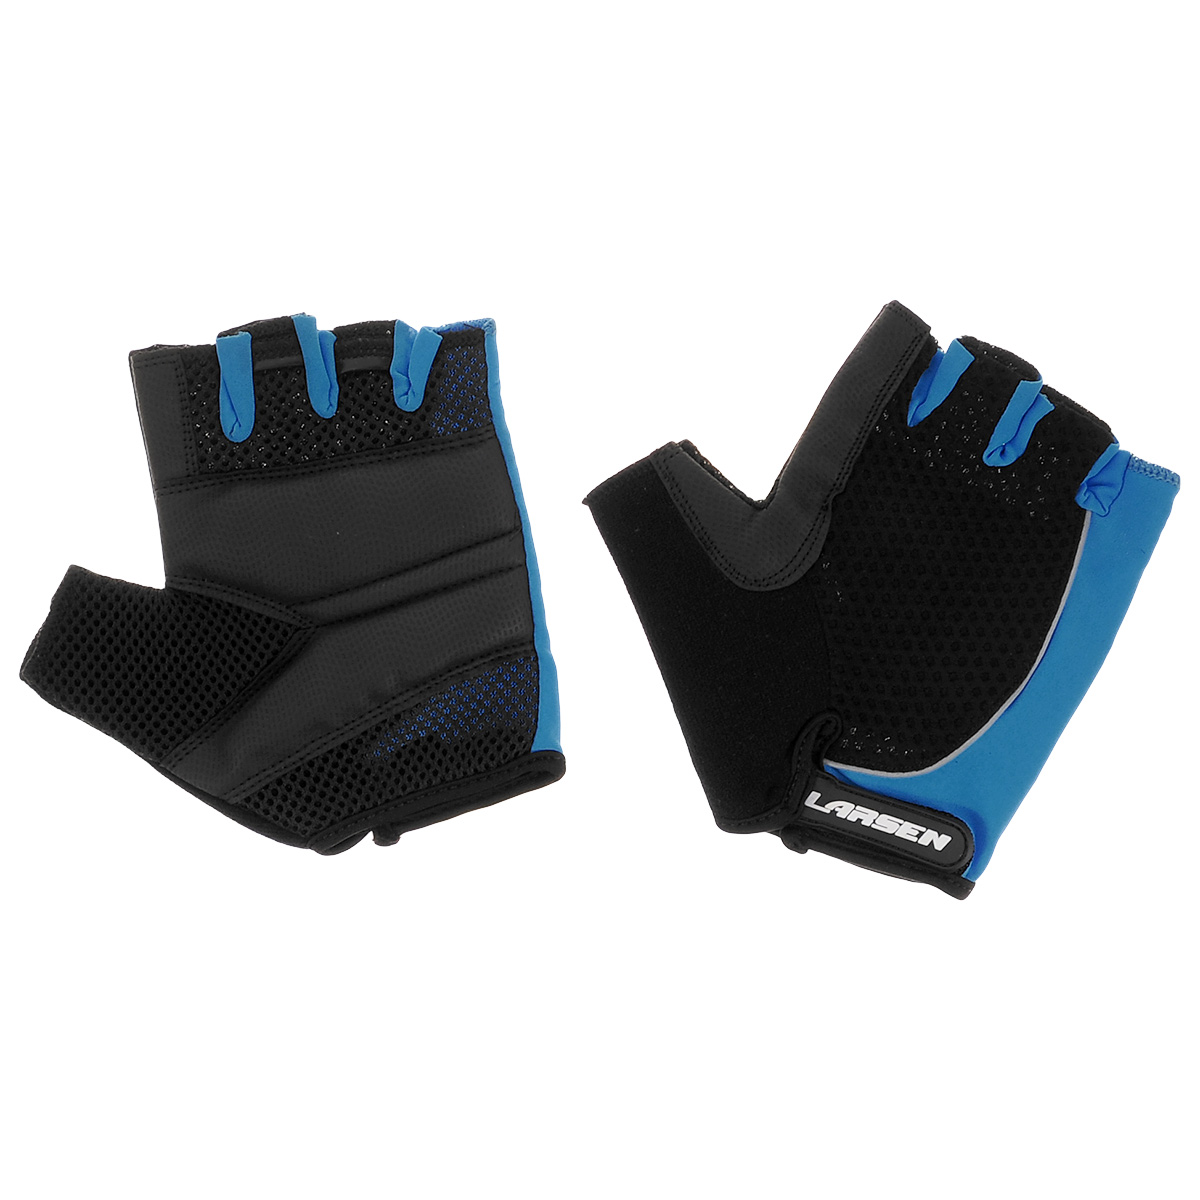 Велоперчатки Larsen, цвет: черный, синий. Размер M01-1232Велоперчатки Larsen выполнены из высококачественного нейлона и амары. Ладони оснащены накладкой из полиуретана для повышенного сцепления и системой Pull Off на пальцах. Застежка Velcro надежно фиксирует перчатки на руке. Сетка способствует хорошей вентиляции.